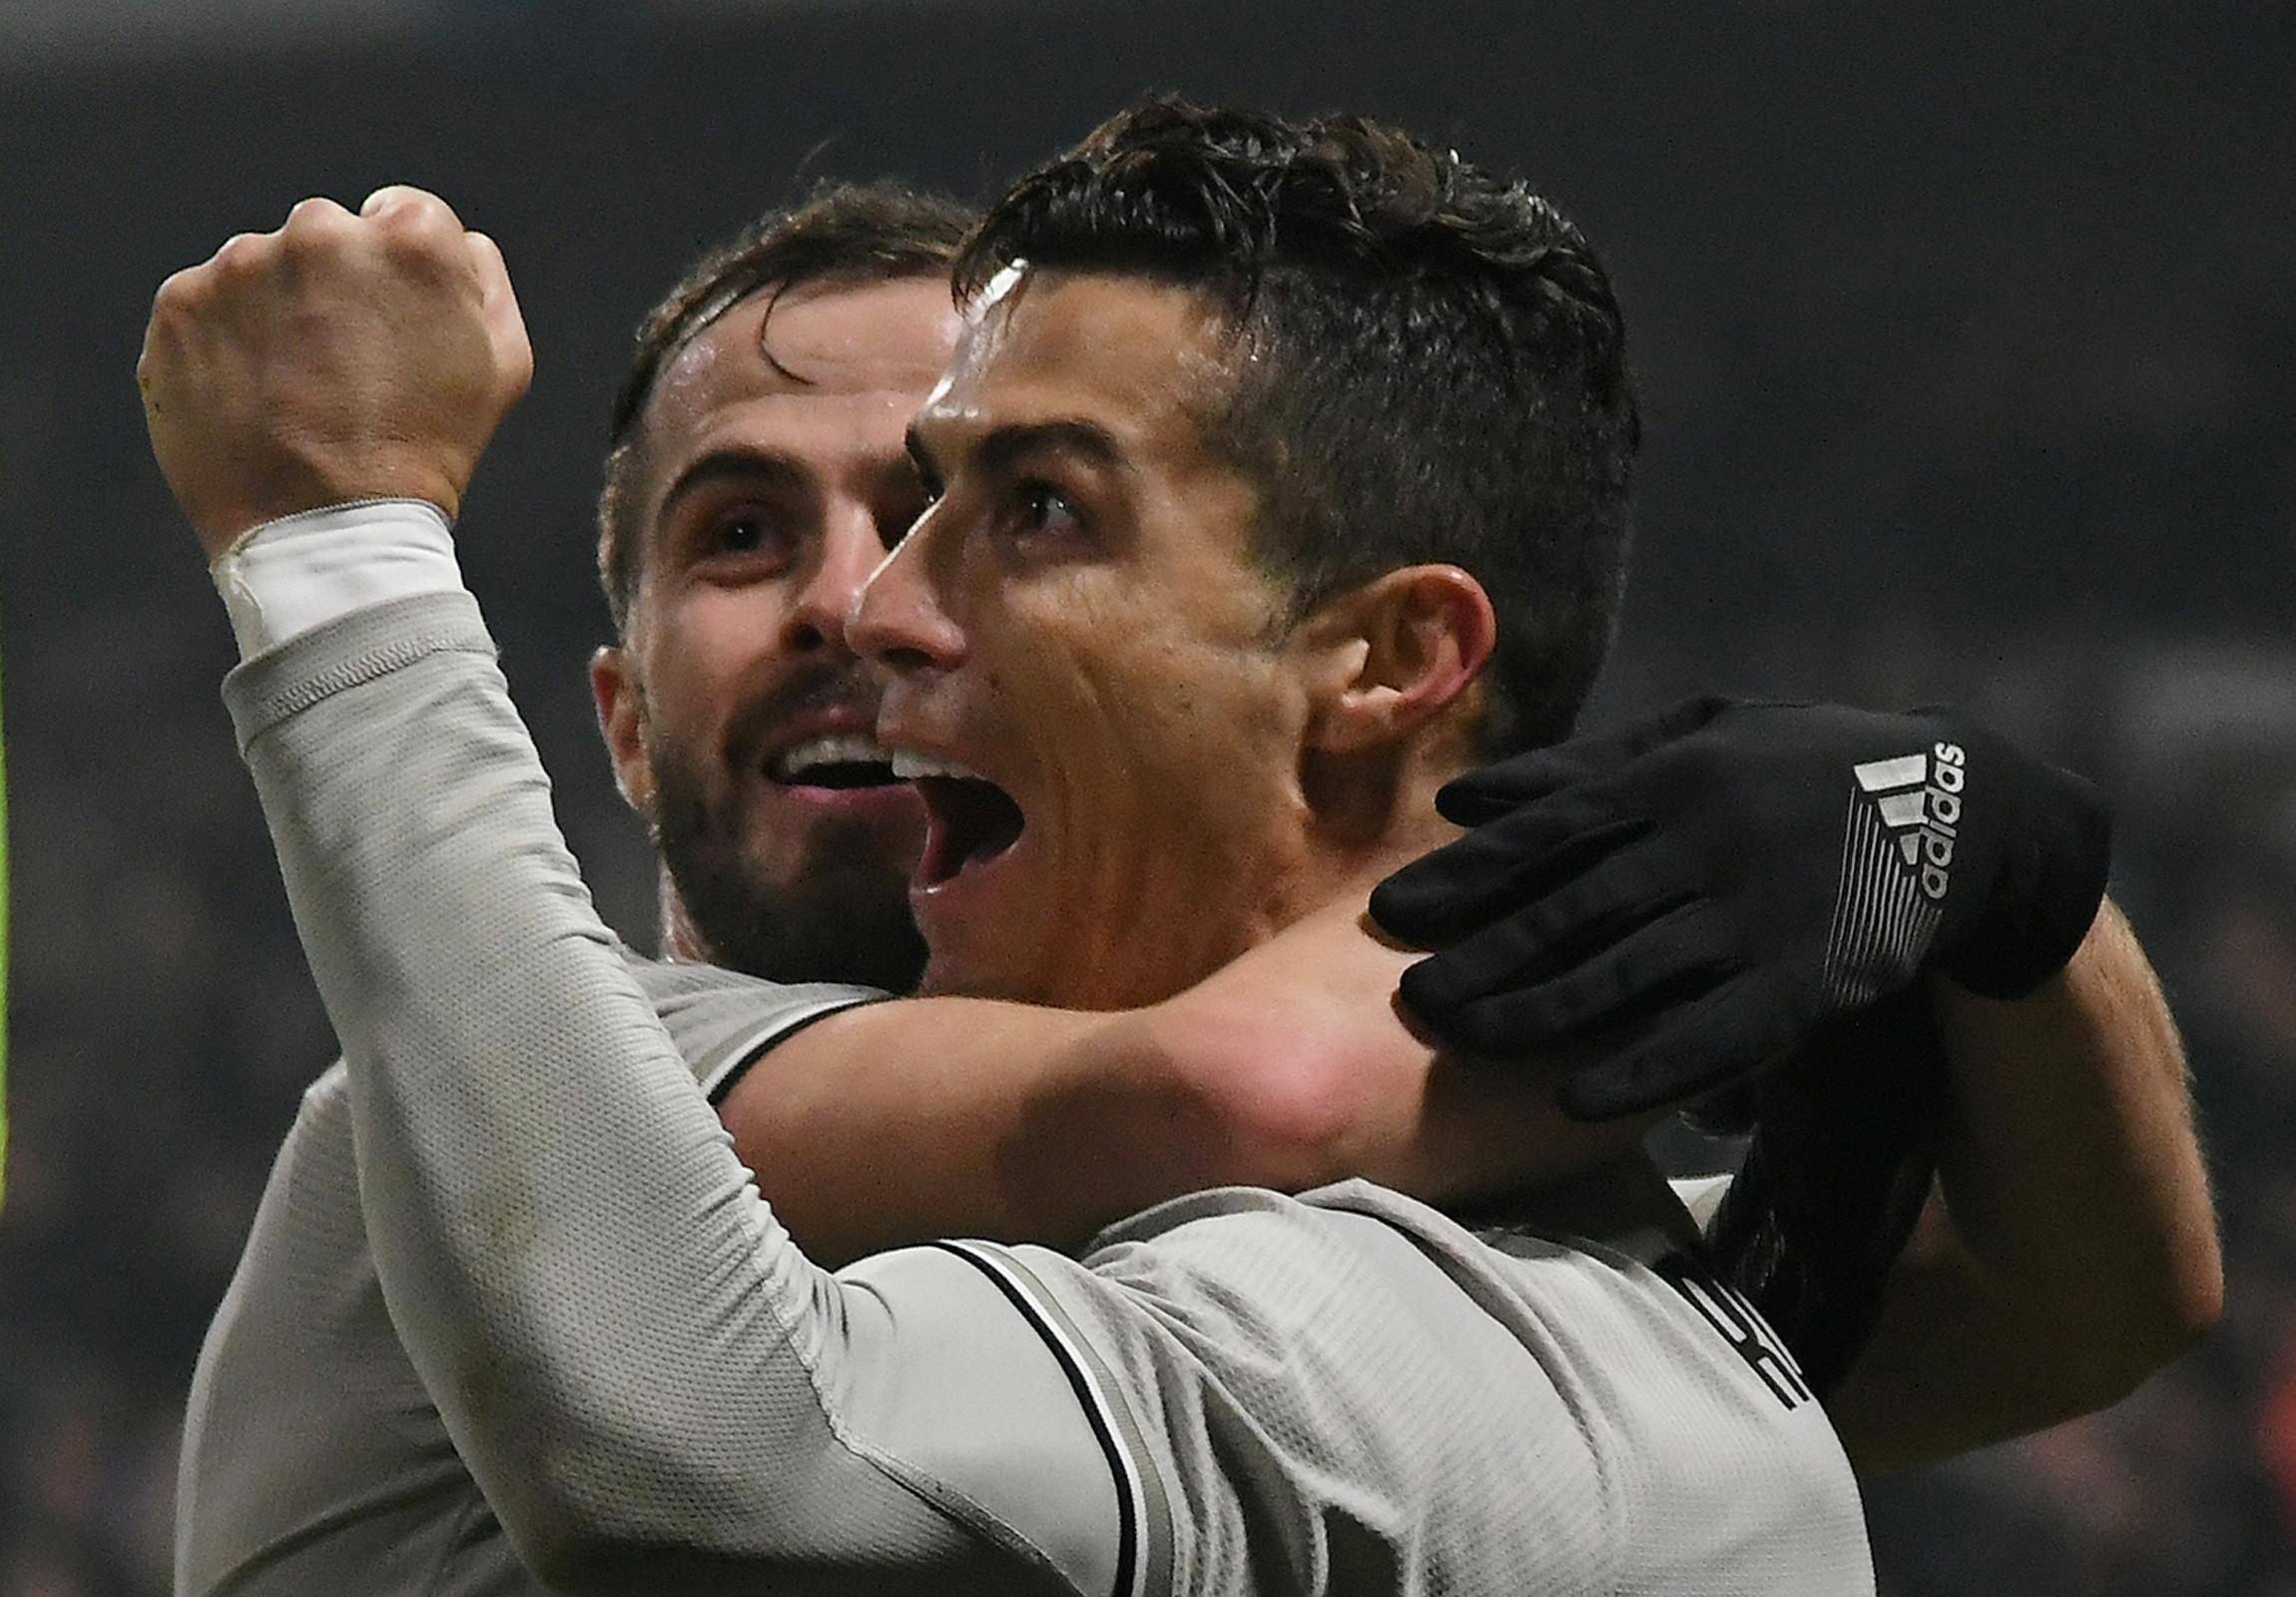 'Meraviglioso': Assim relataram os italianos mais um golo de CR7